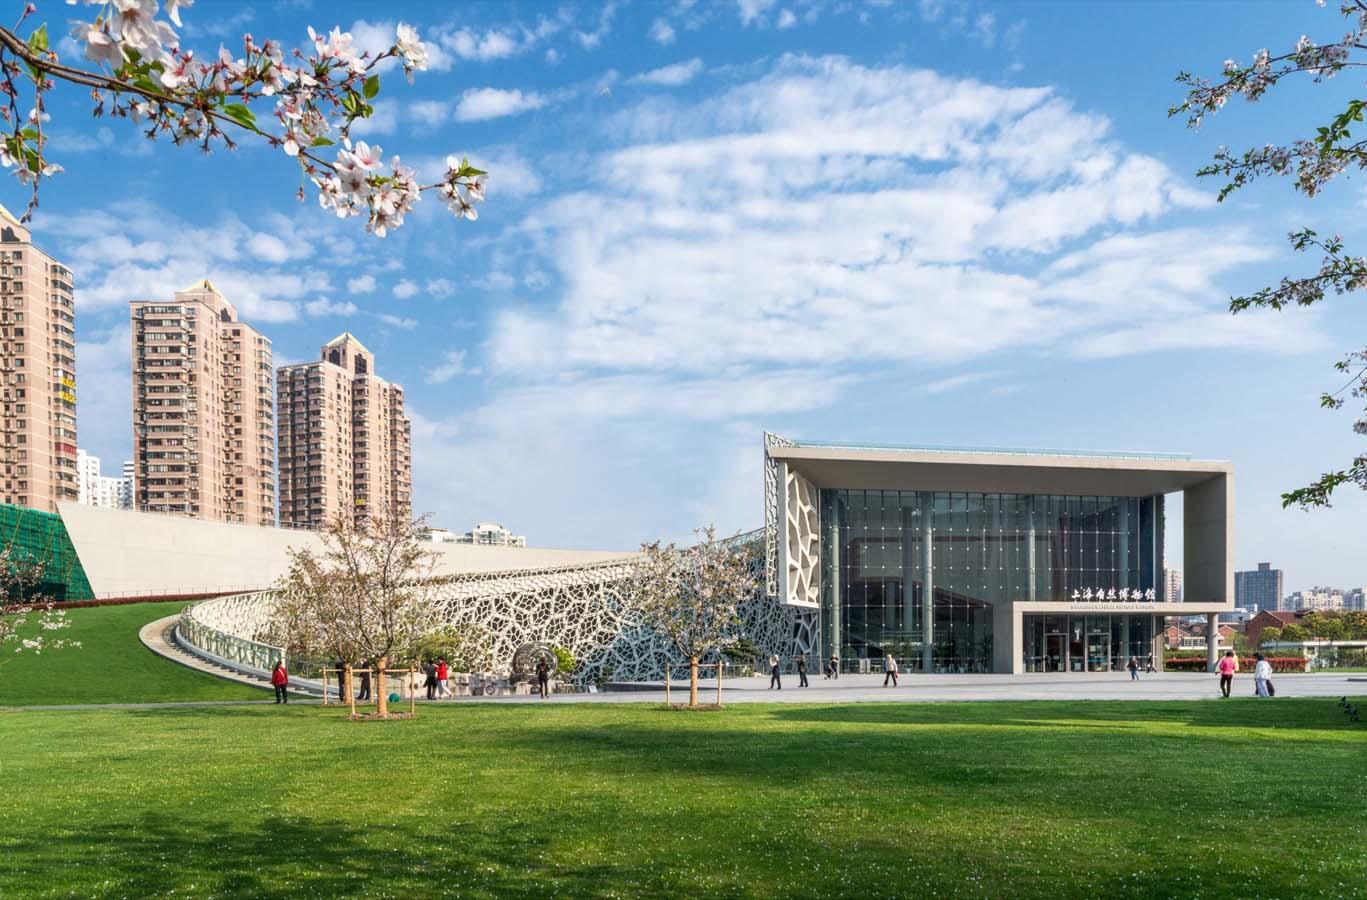 上海自然博物馆新馆shanghai natural history museum